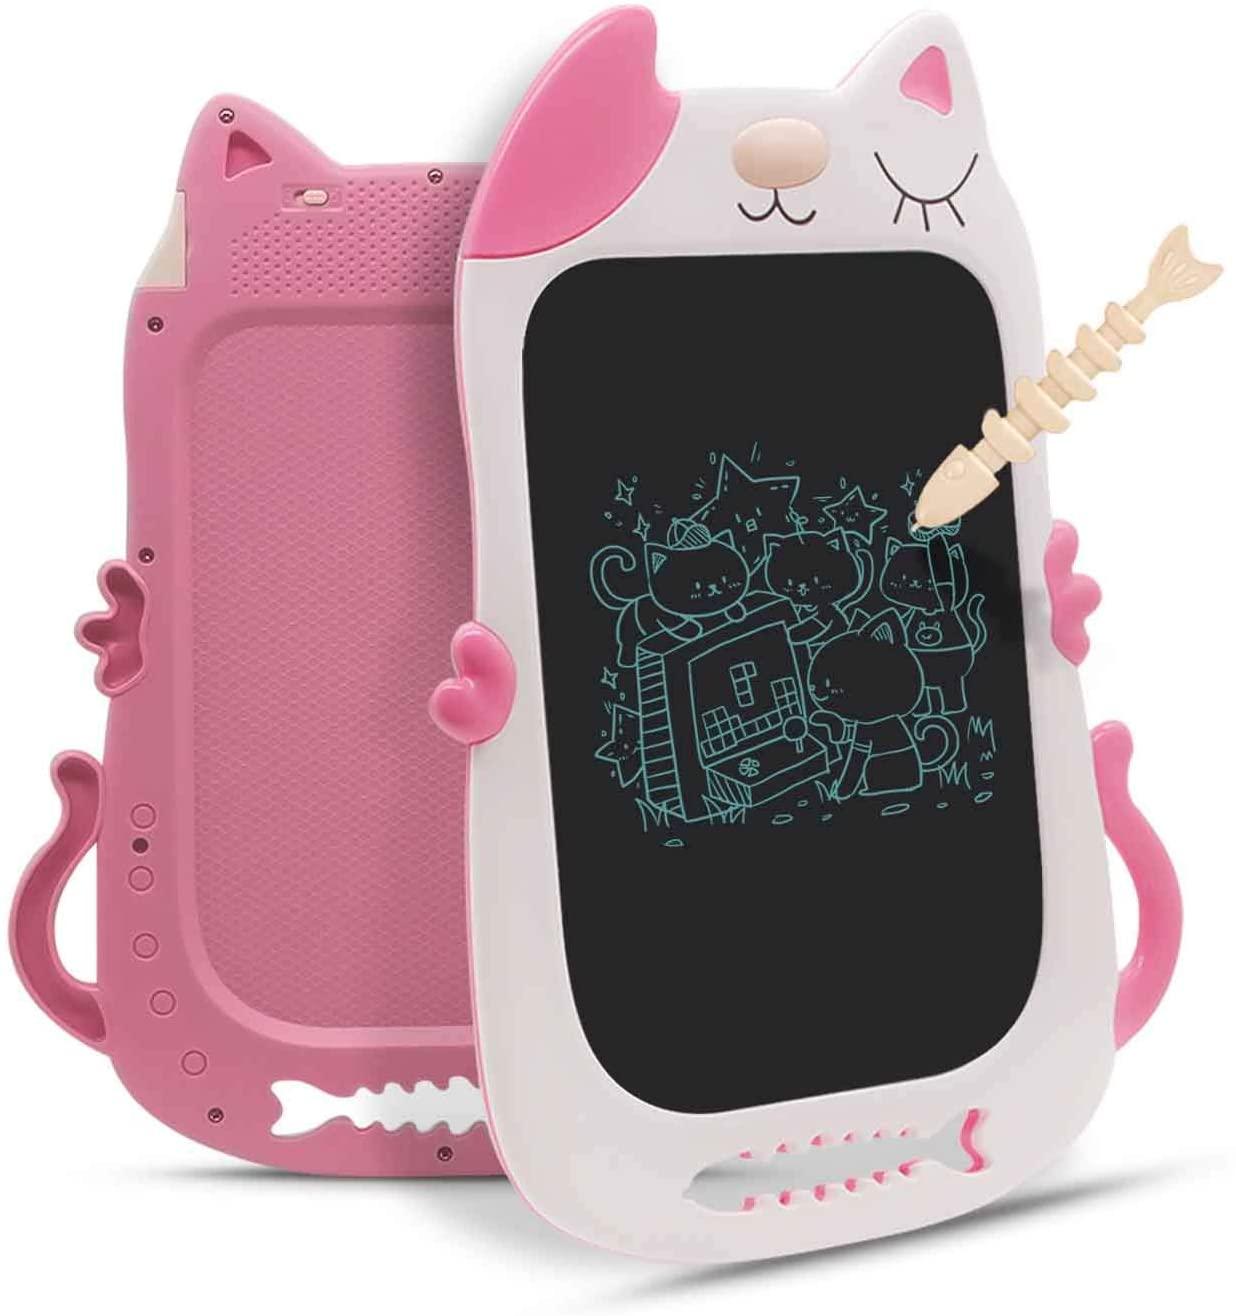 Amazon - Mycaron Learning Toys for 3-4 Year Old Girls ...